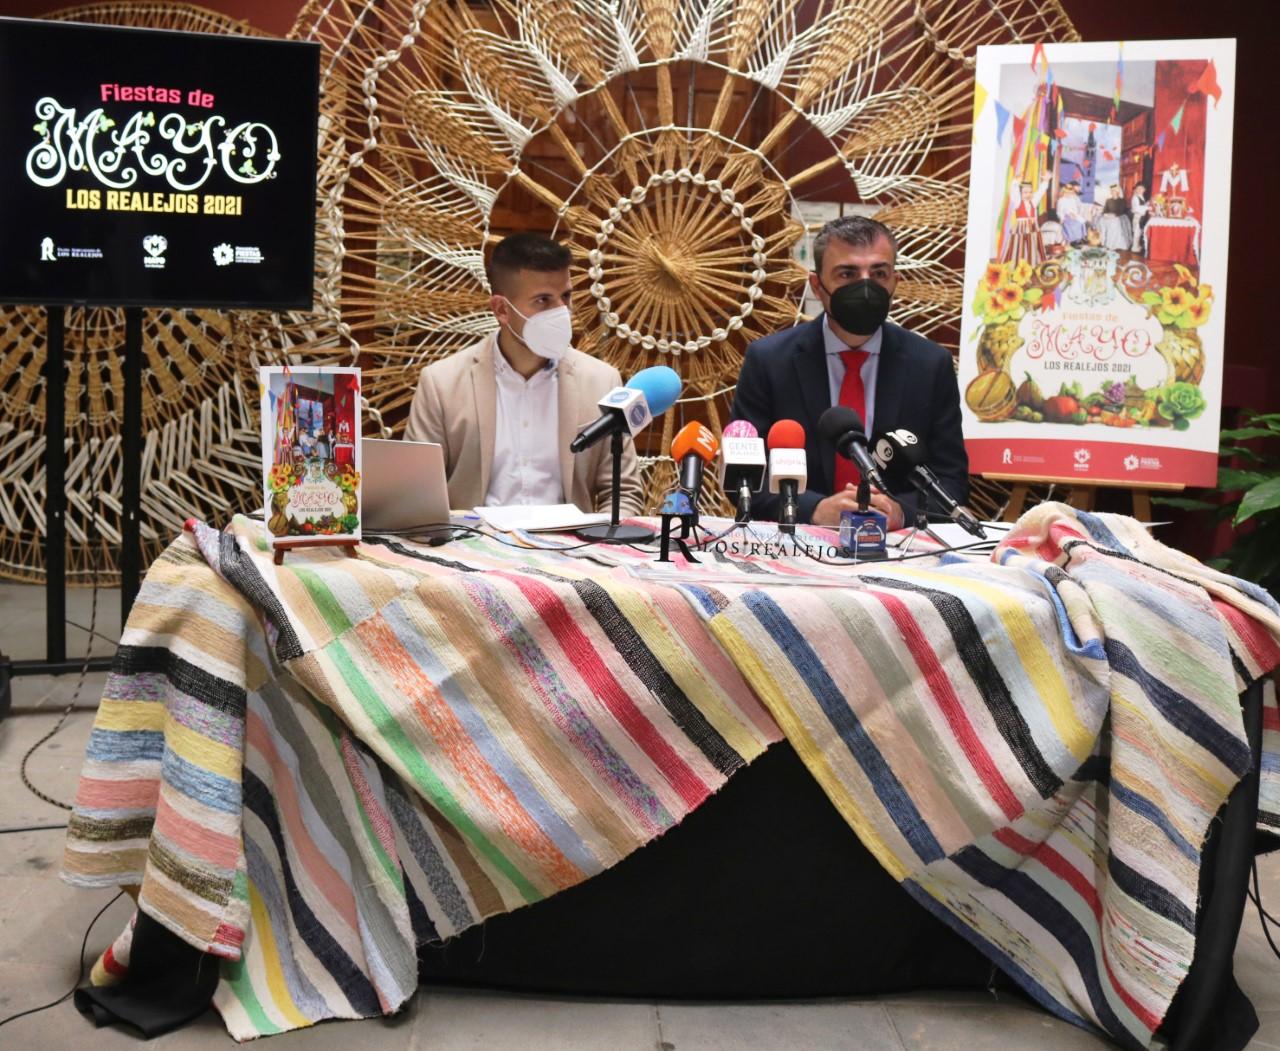 Manuel Domínguez y José David Cabrera. Los Realejos/ canariasnoticias